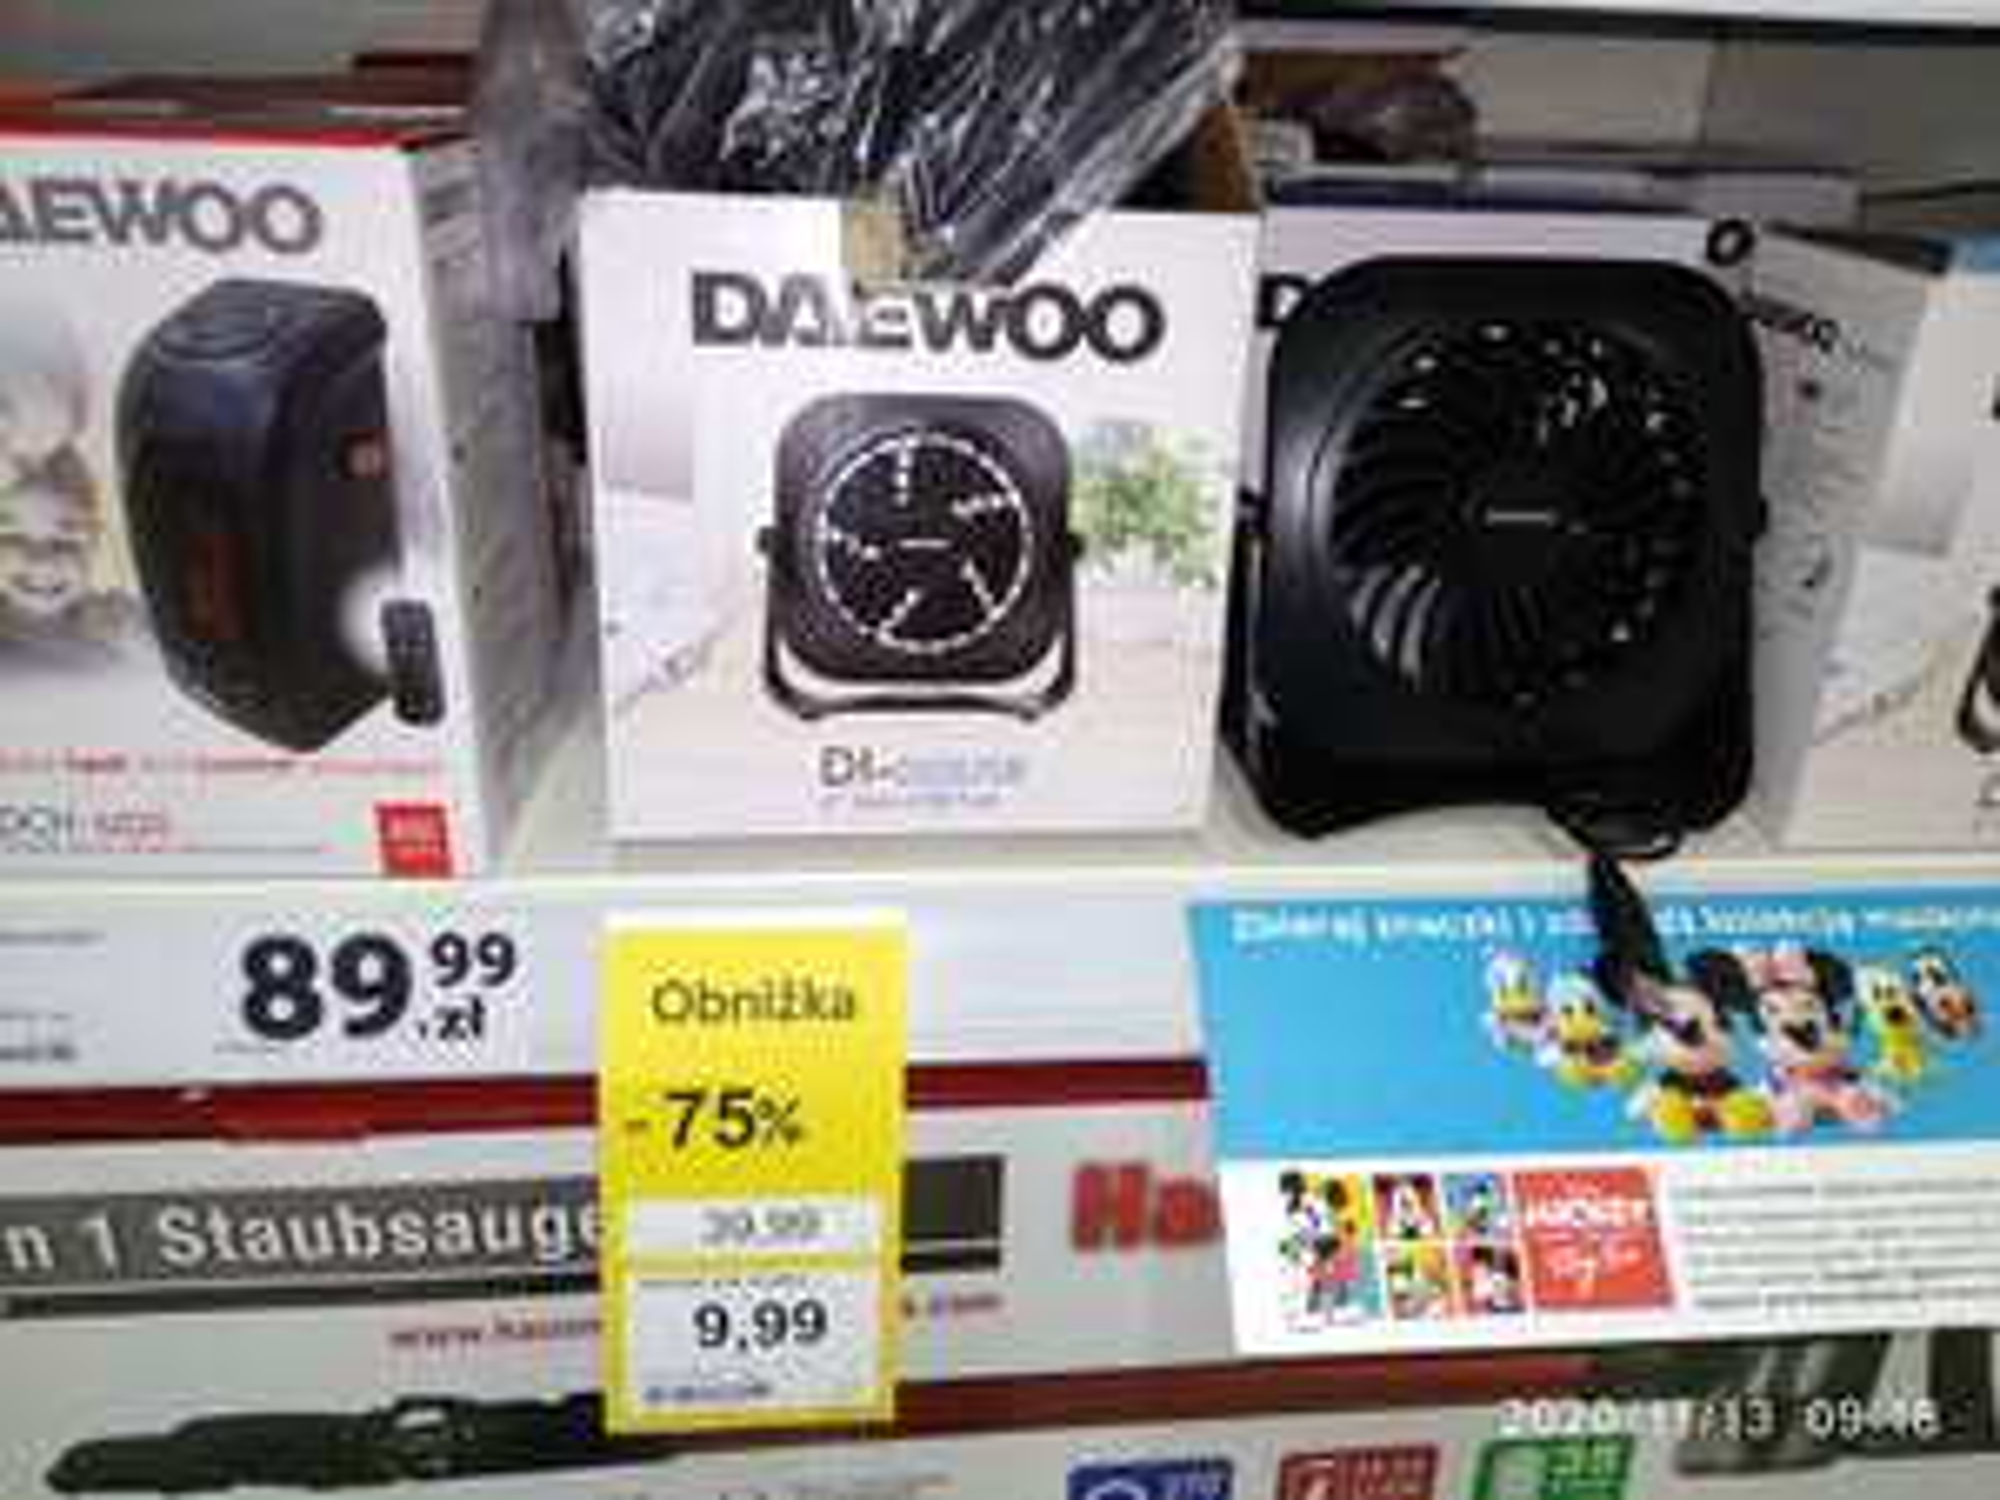 Tesco Ostrowiec Świętokrzyski -Wiatrak USB - Daewoo